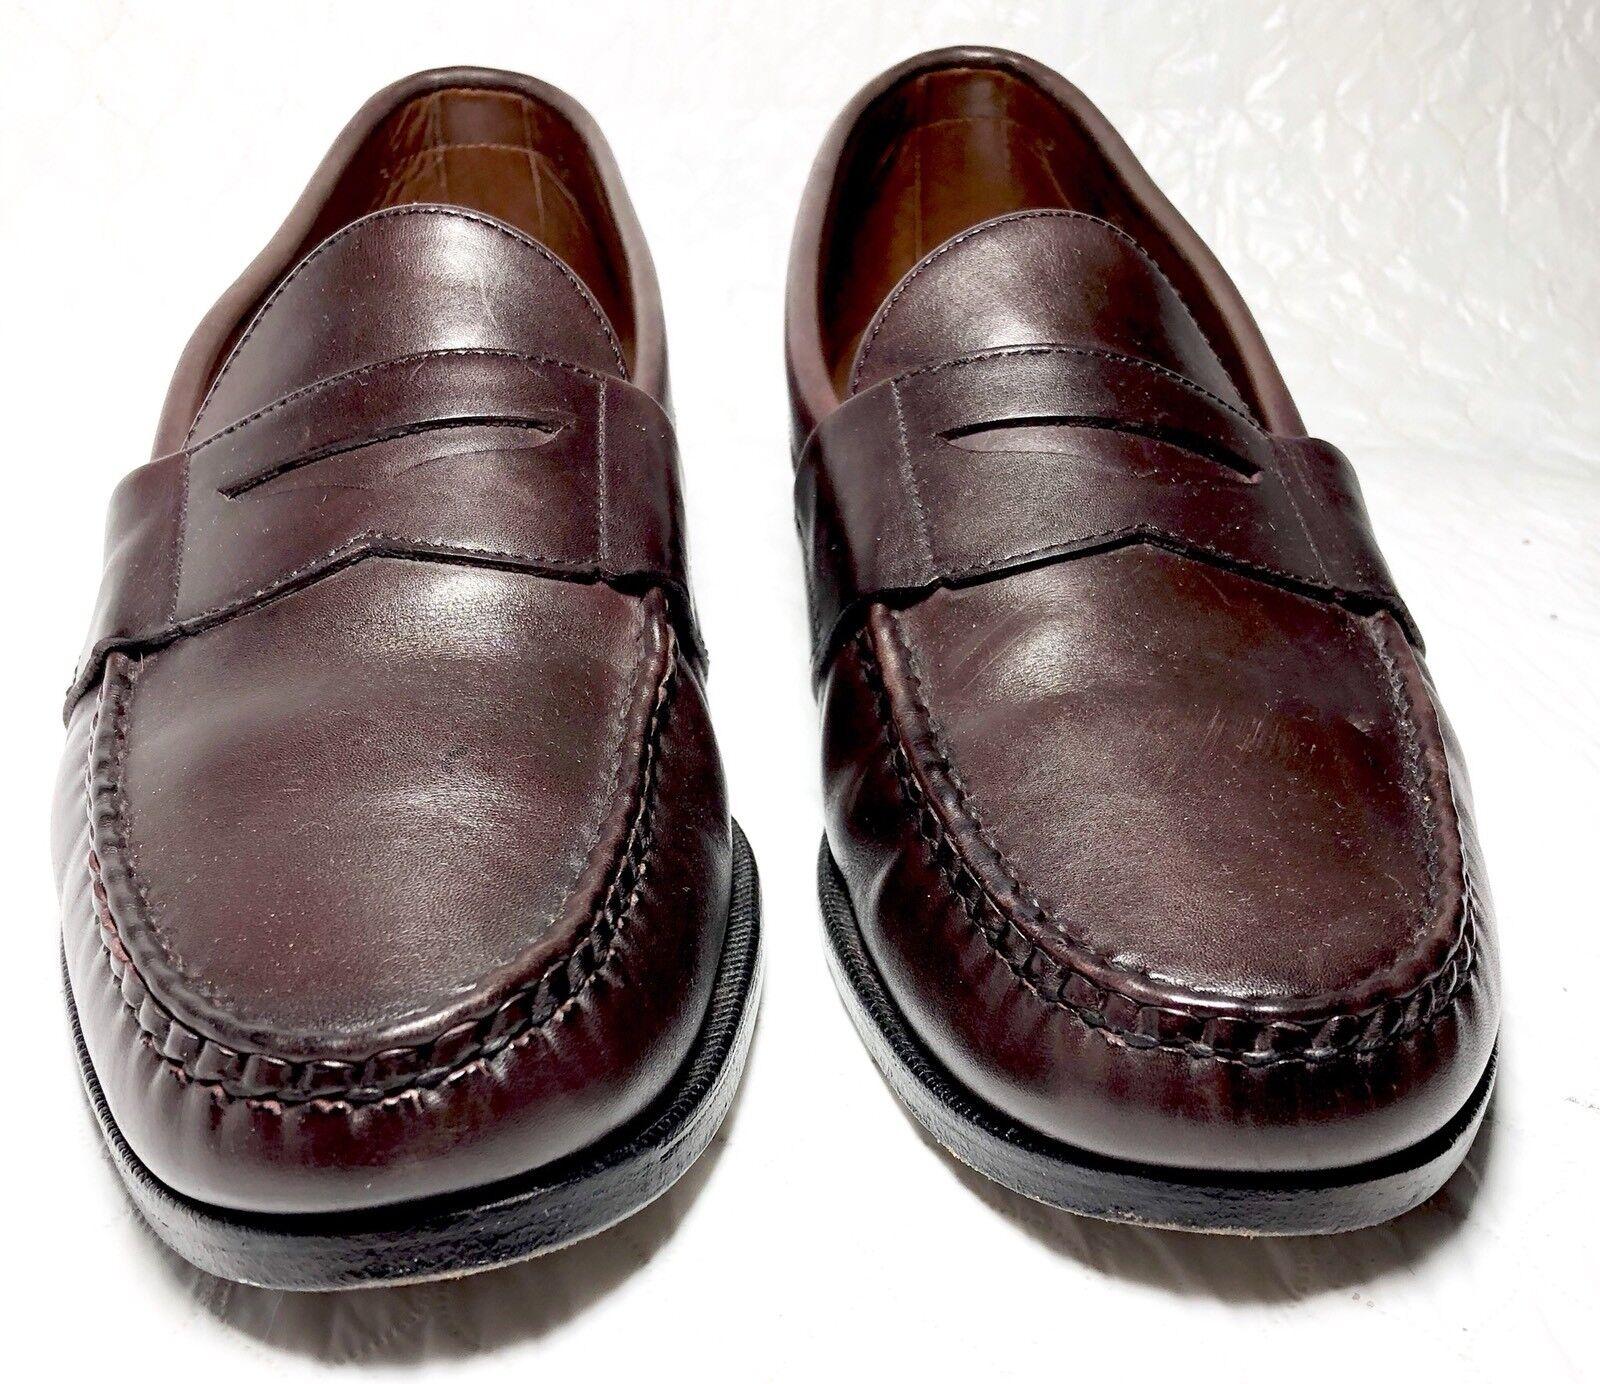 Allen EDMONDS Kearney Penny Loafers Loafers Loafers braun Leather Men Dress schuhe Größe 10 1 2D 457b58